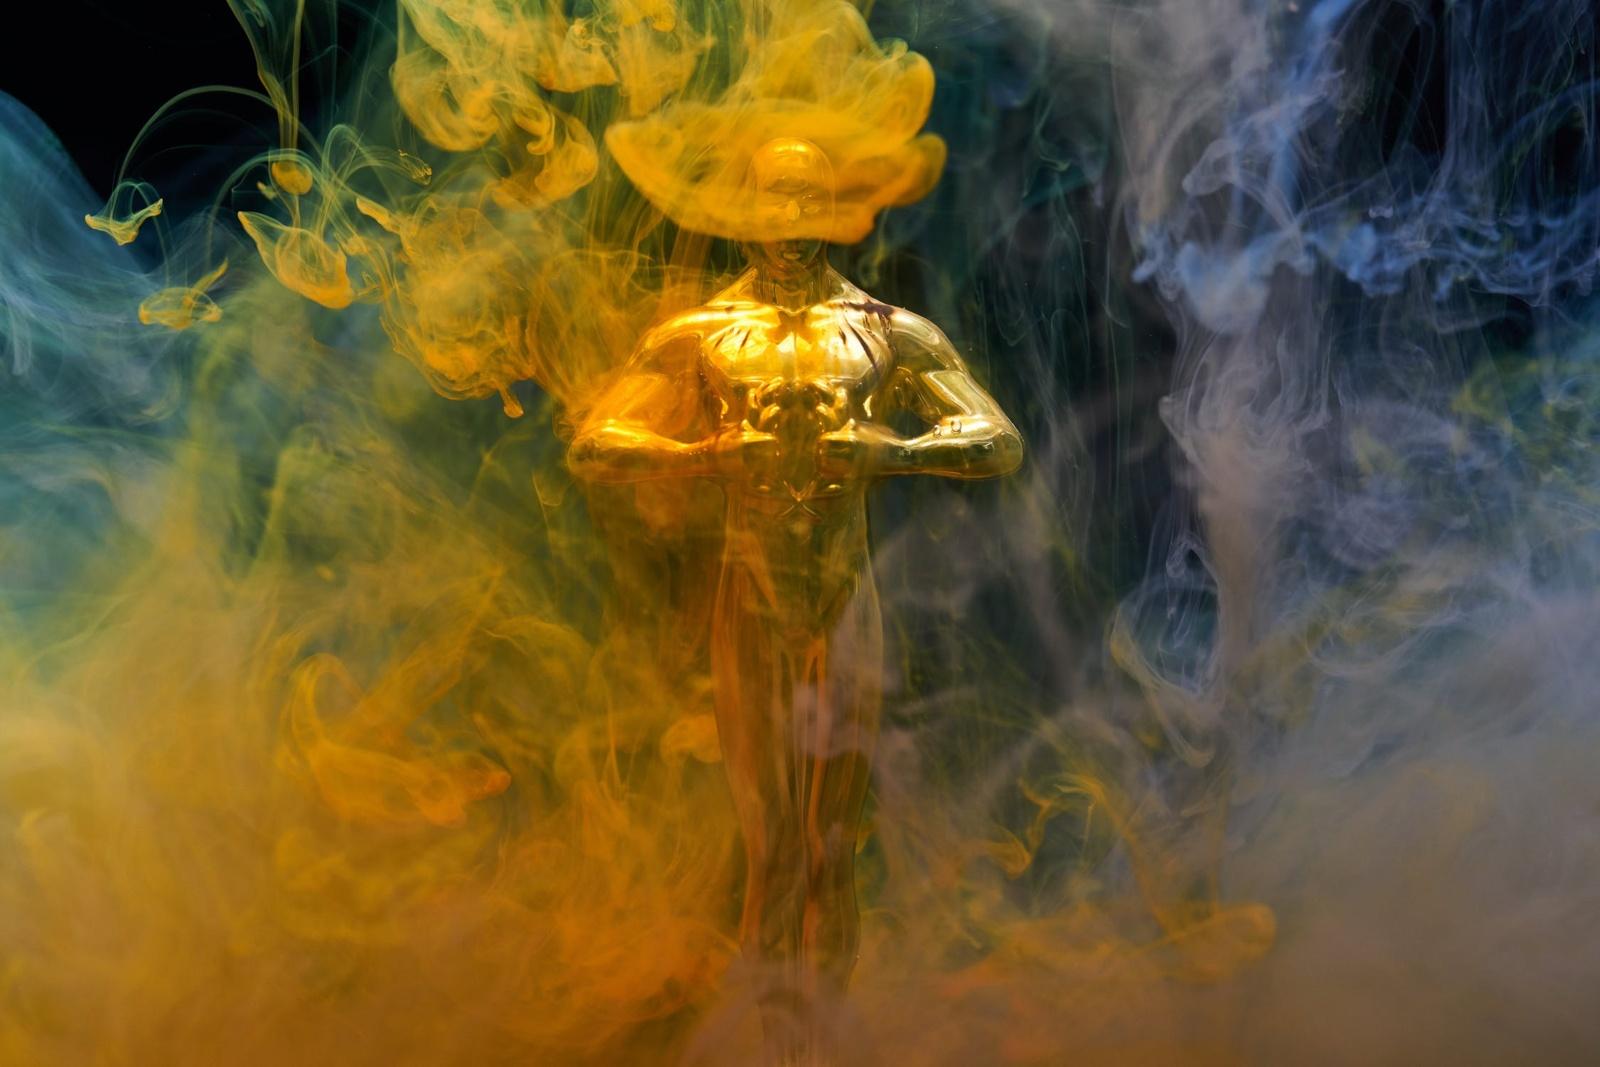 Graikų dievybių horoskopas – koks dievas jus globoja?